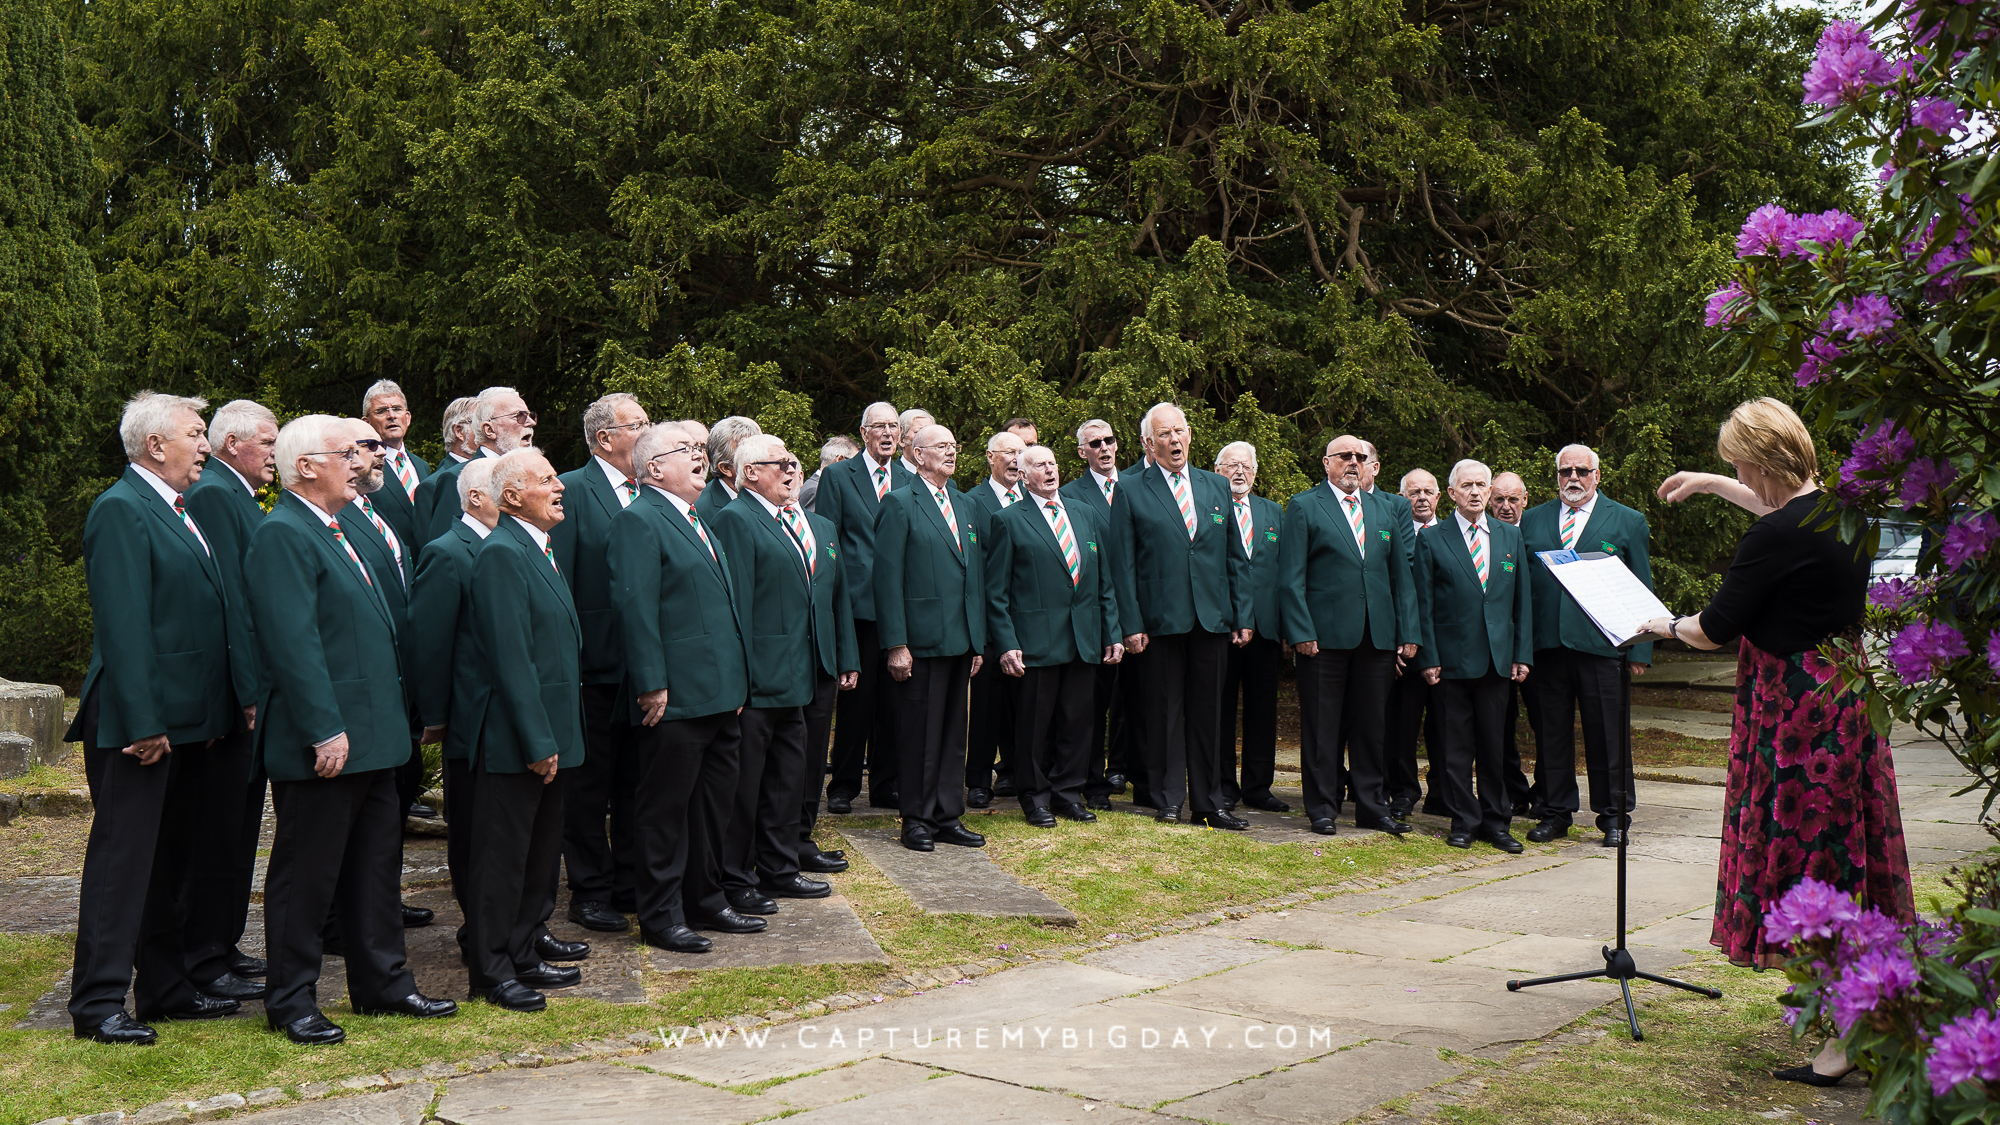 Male choir singing outside church